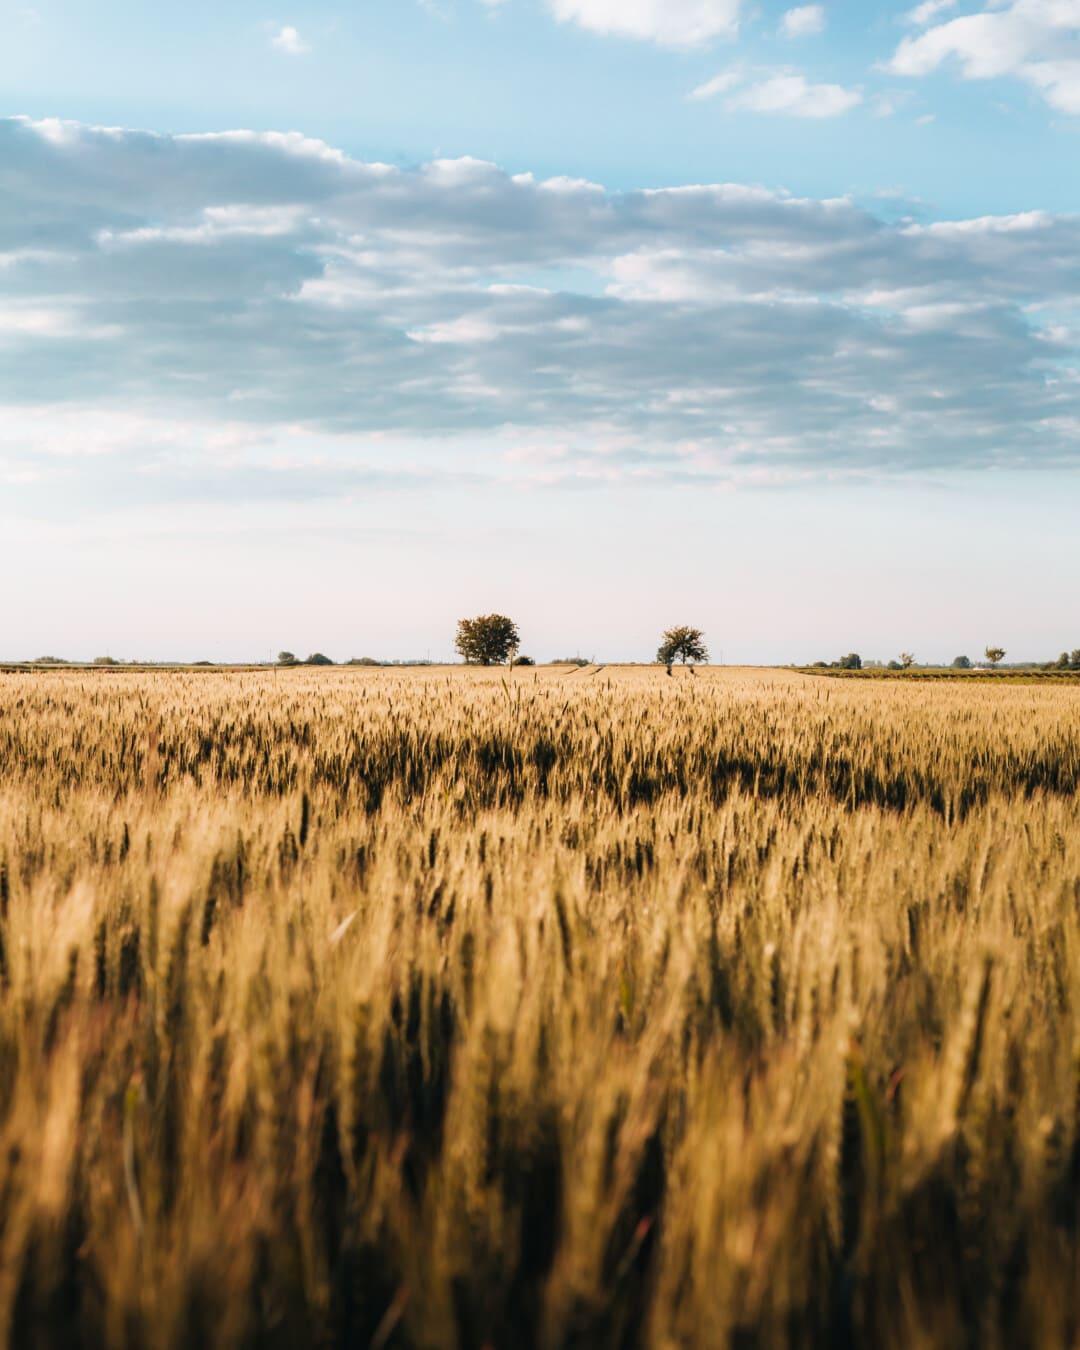 Stamm, Feld, Gerste, Sommer, Tag, hell, Getreide, des ländlichen Raums, Ernte, Landwirtschaft